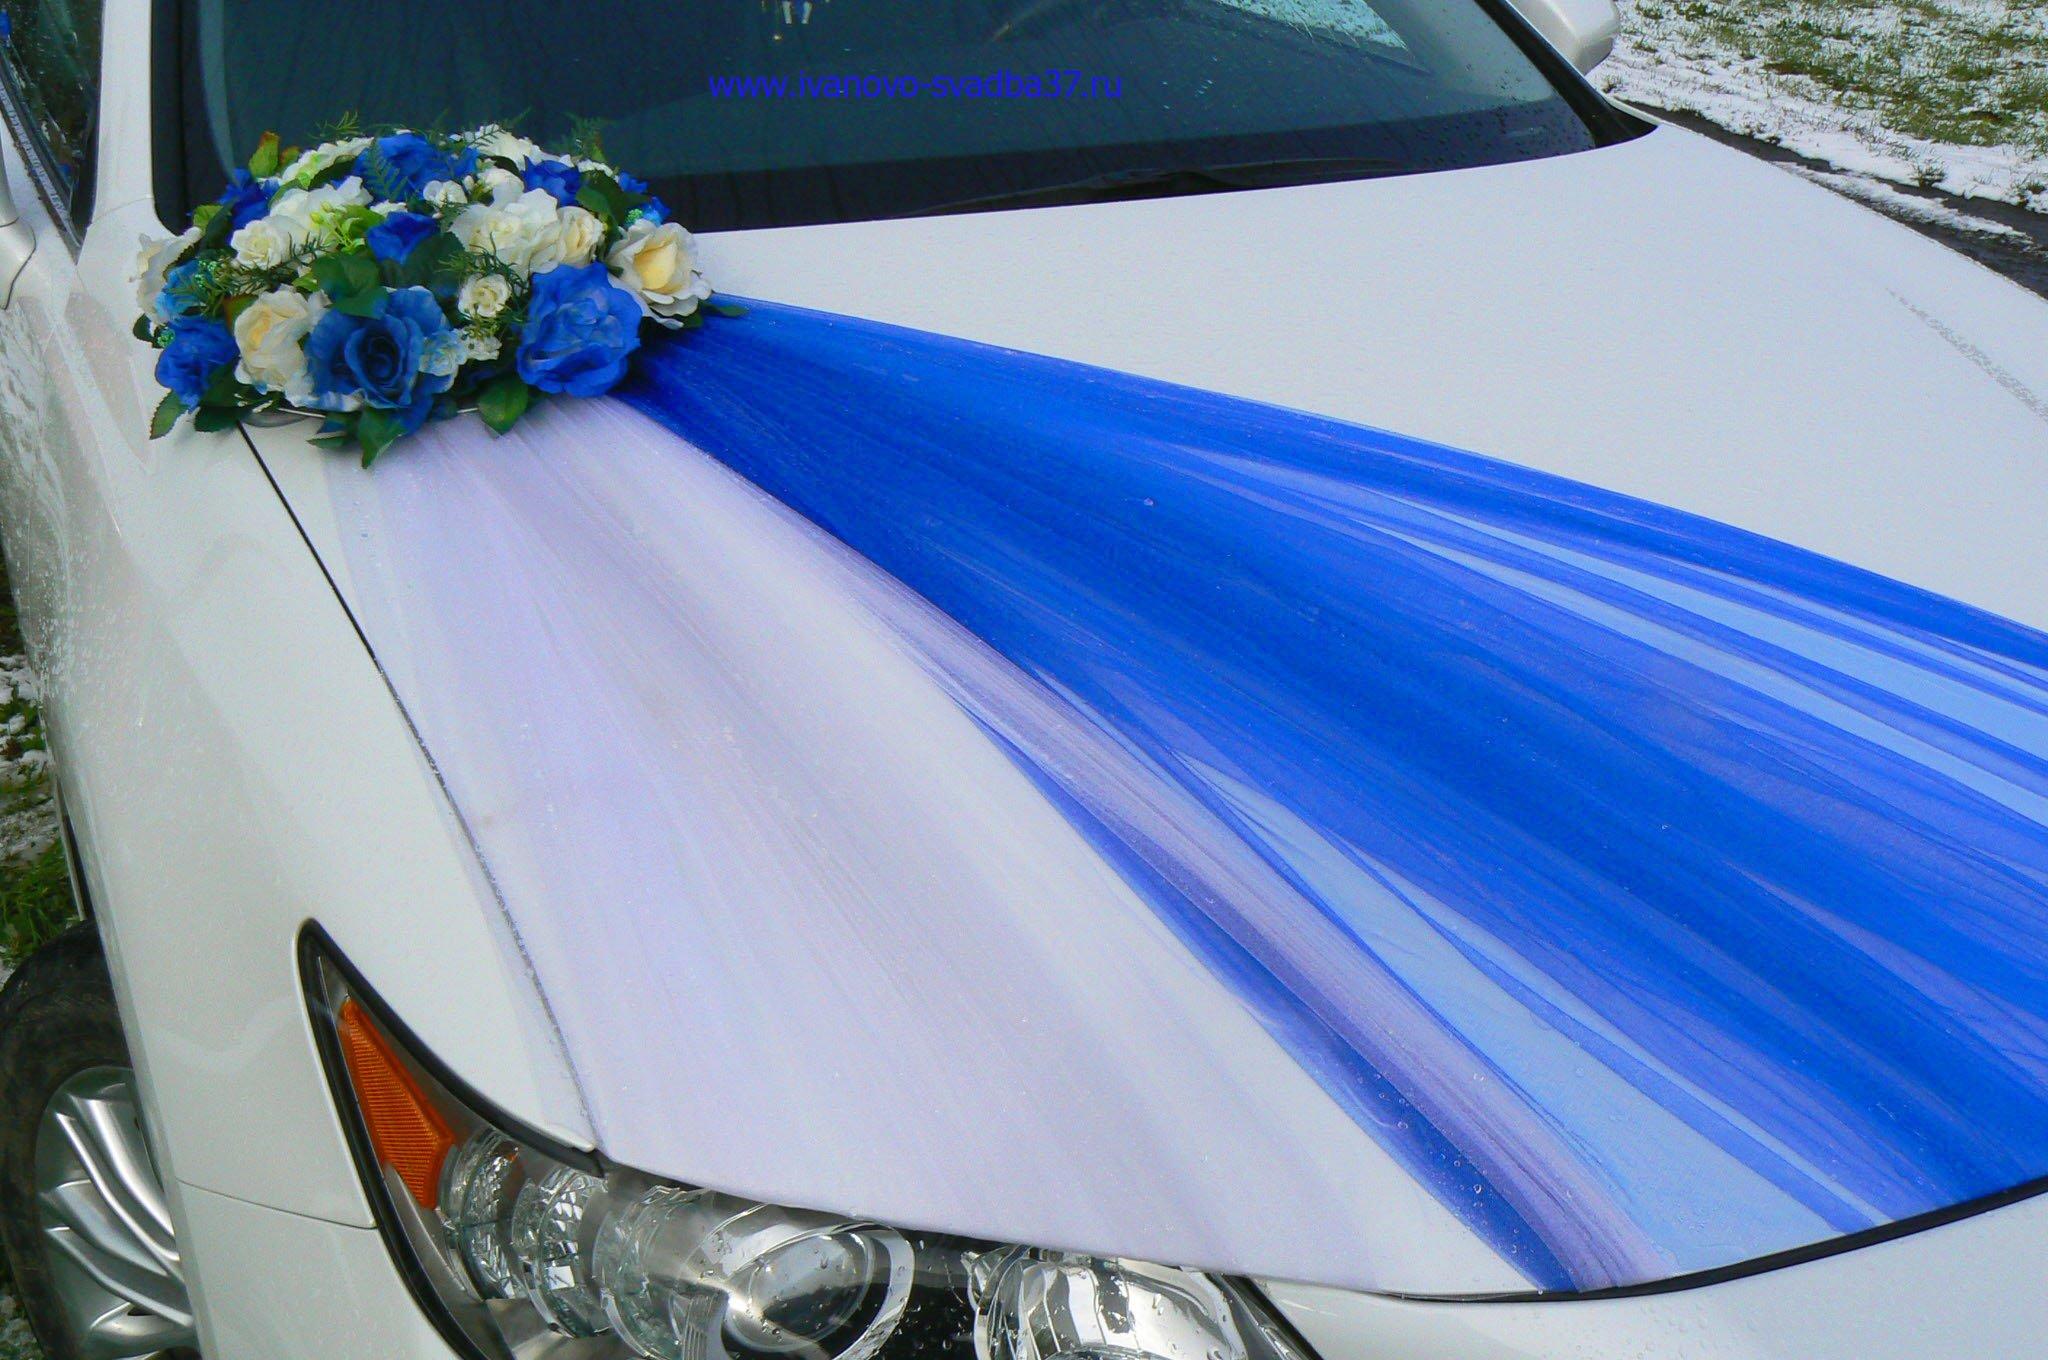 Украшения на машину на свадьбу синего цвета фото